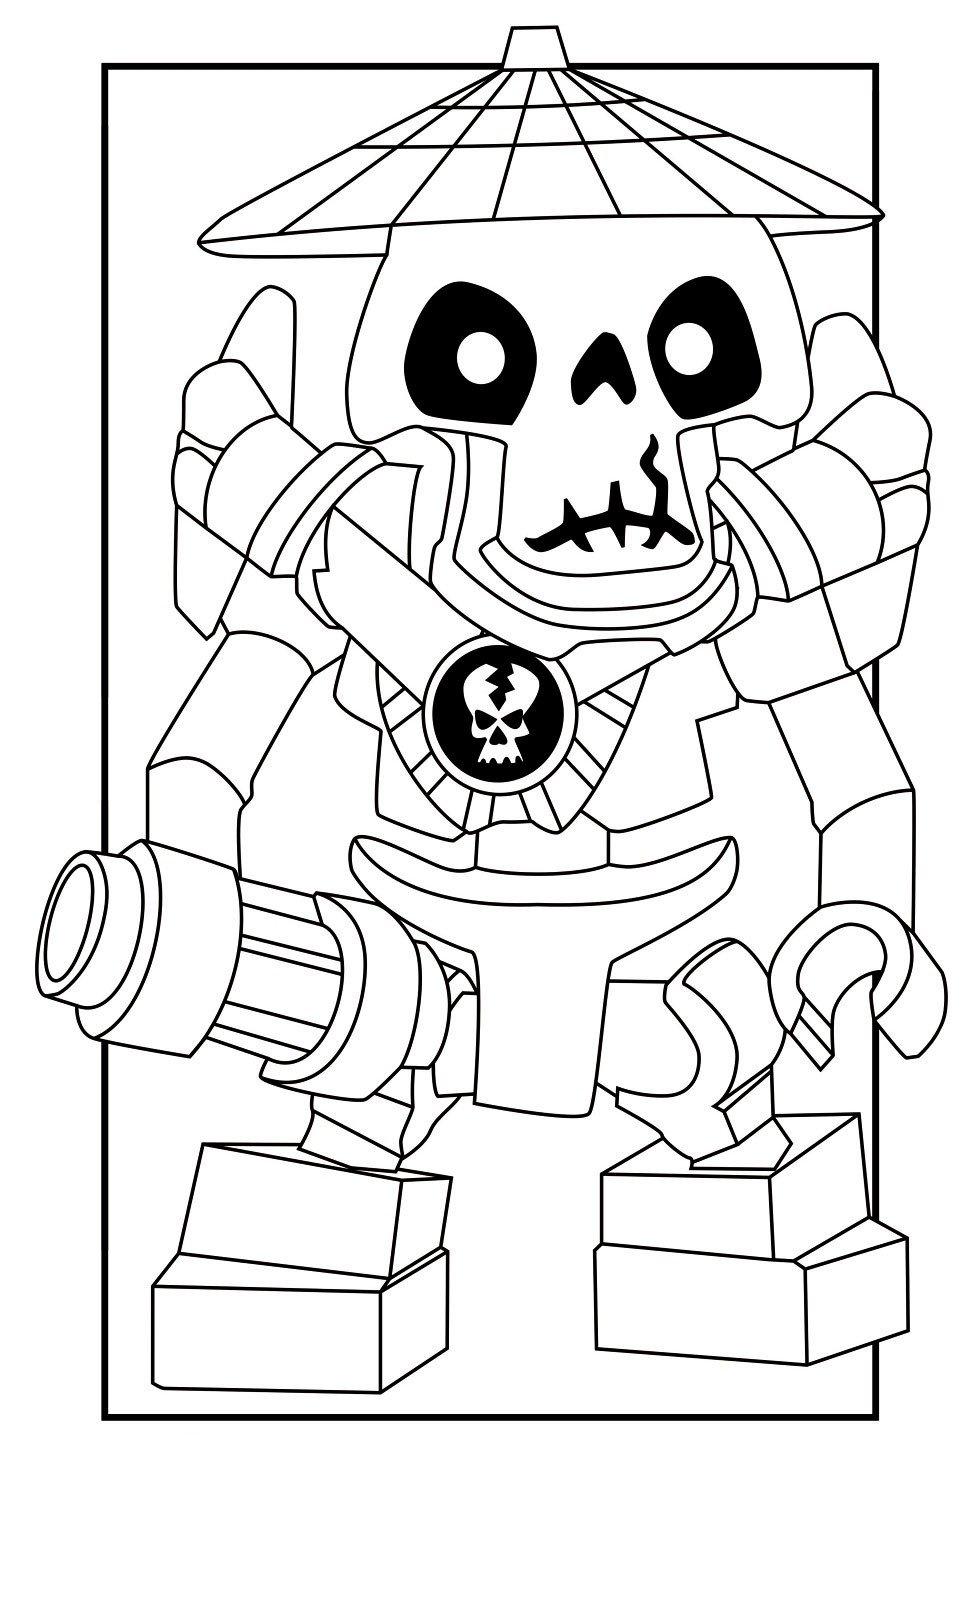 Раскраска Лего Ниндзяго. Распечатать картинки LEGO бесплатно | 1600x980